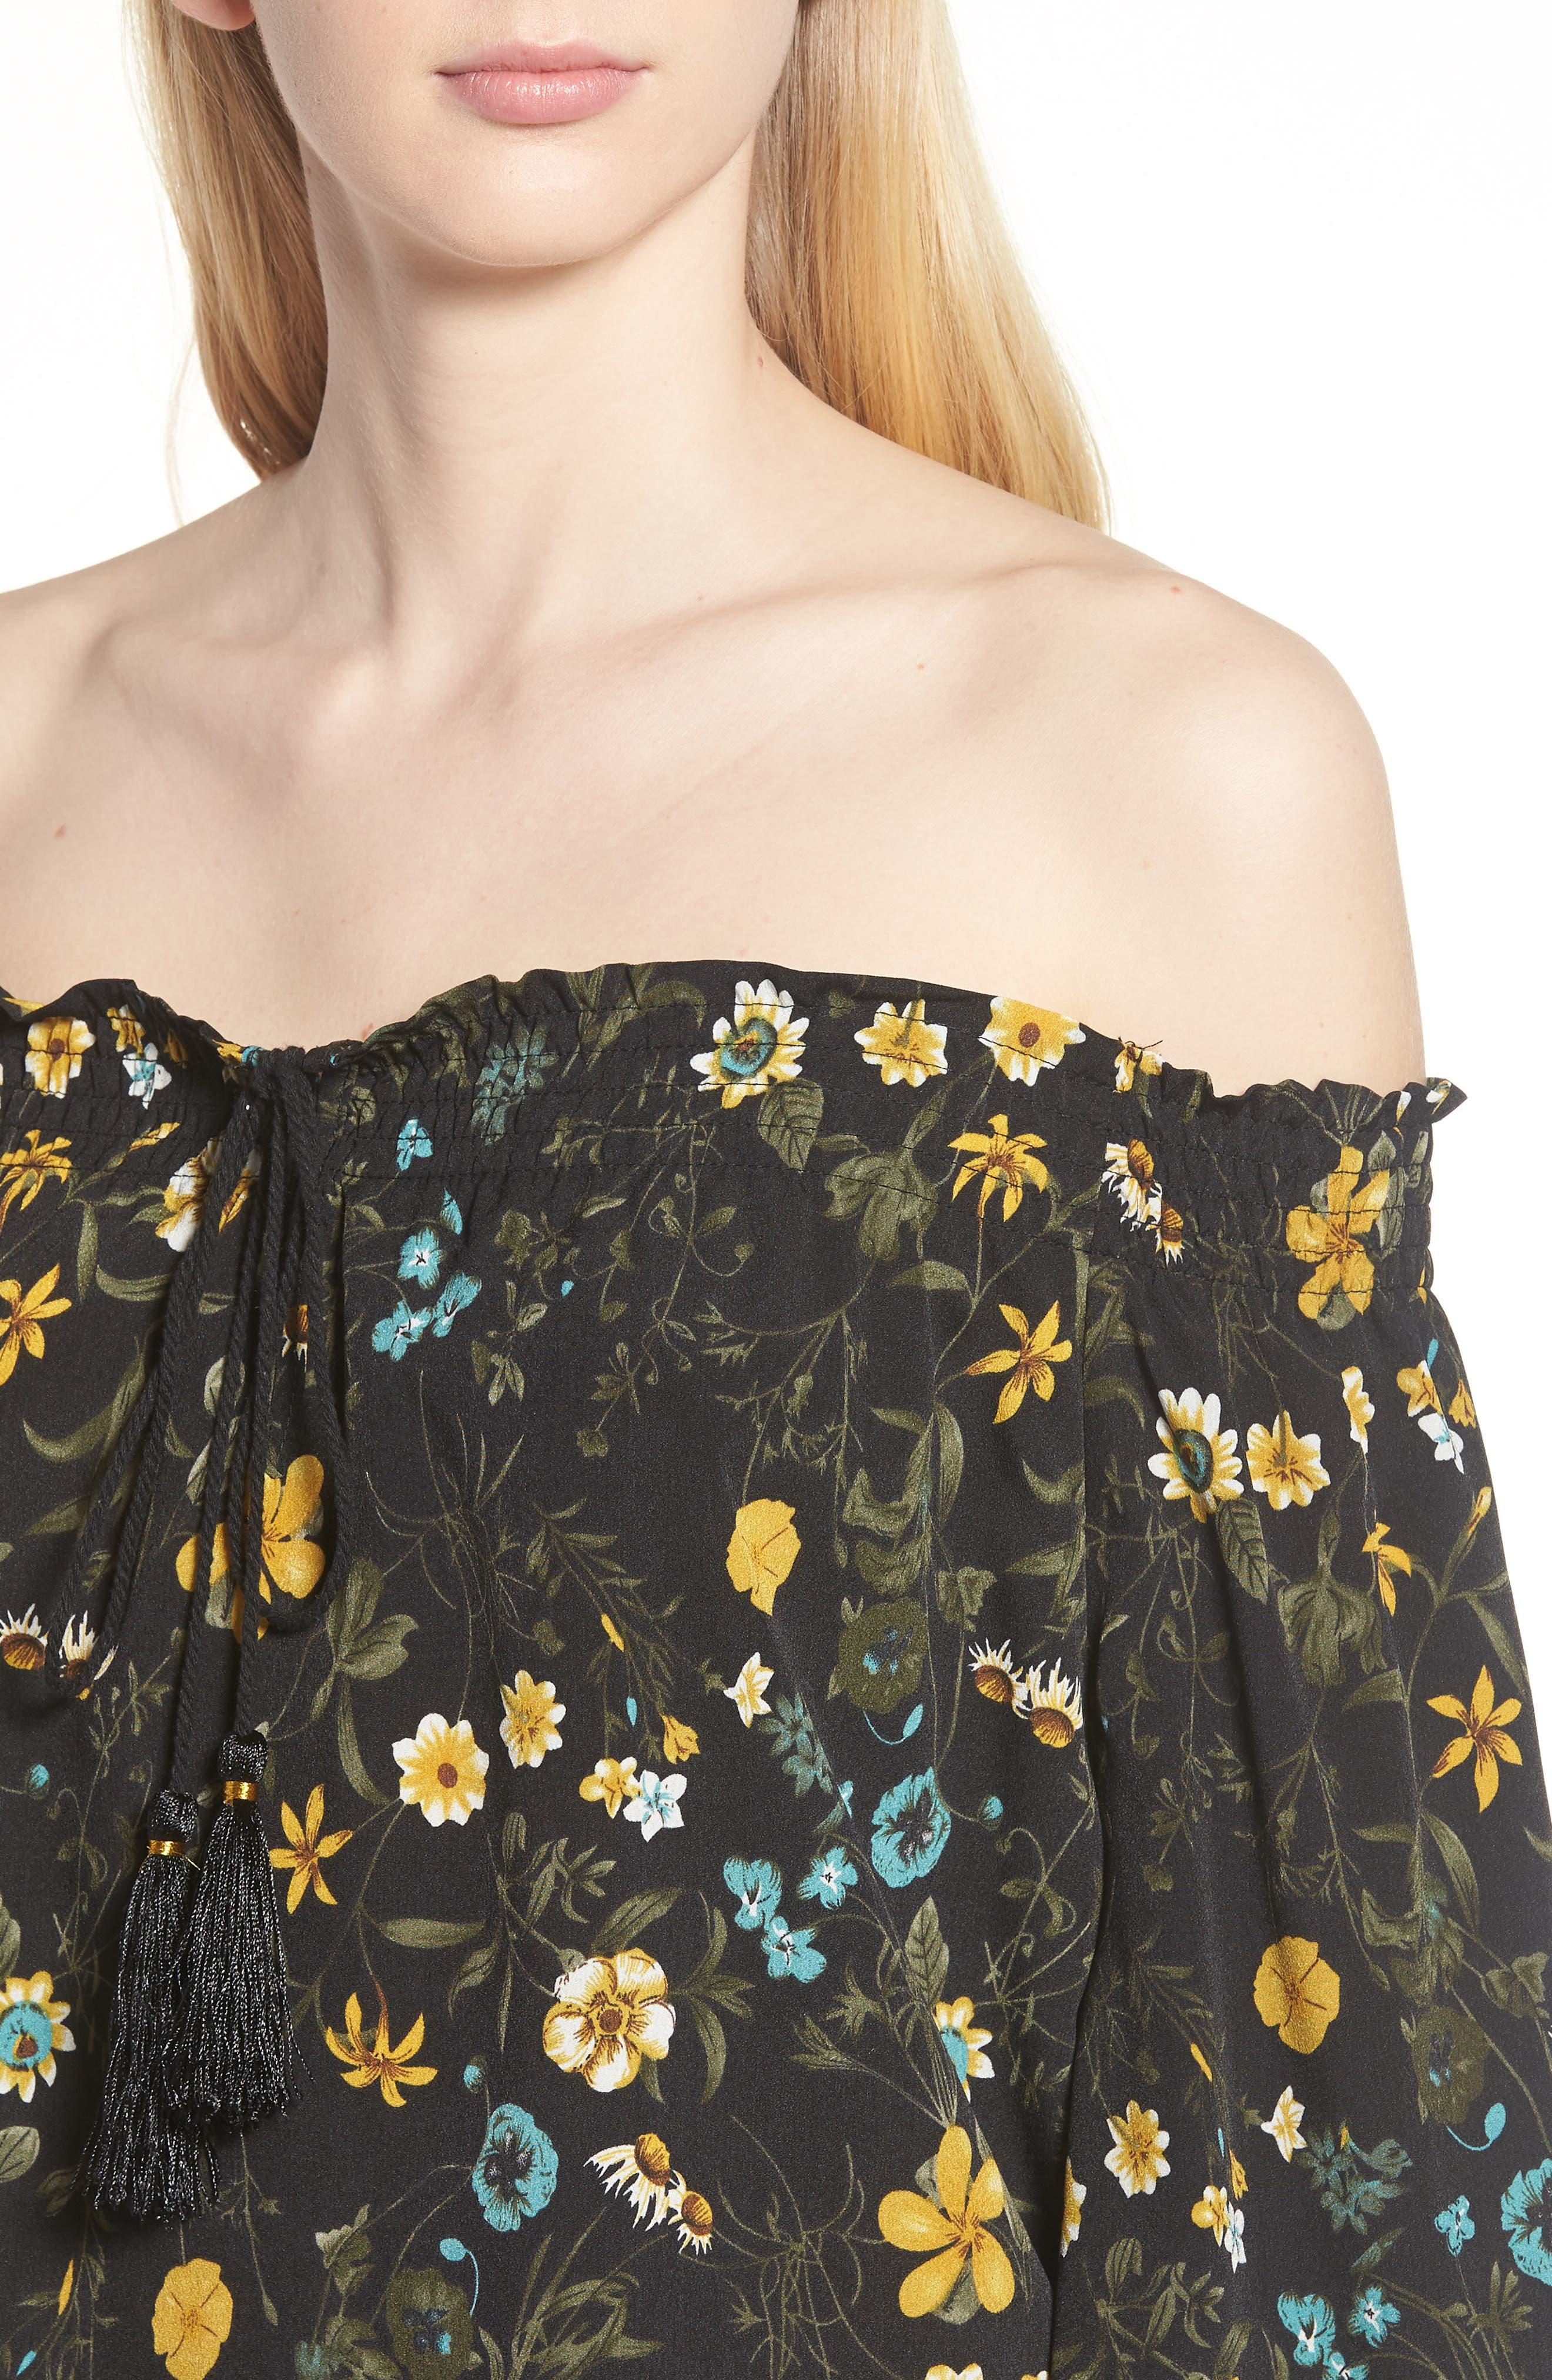 Off the Shoulder Tassel Top,                             Alternate thumbnail 4, color,                             Black Floral